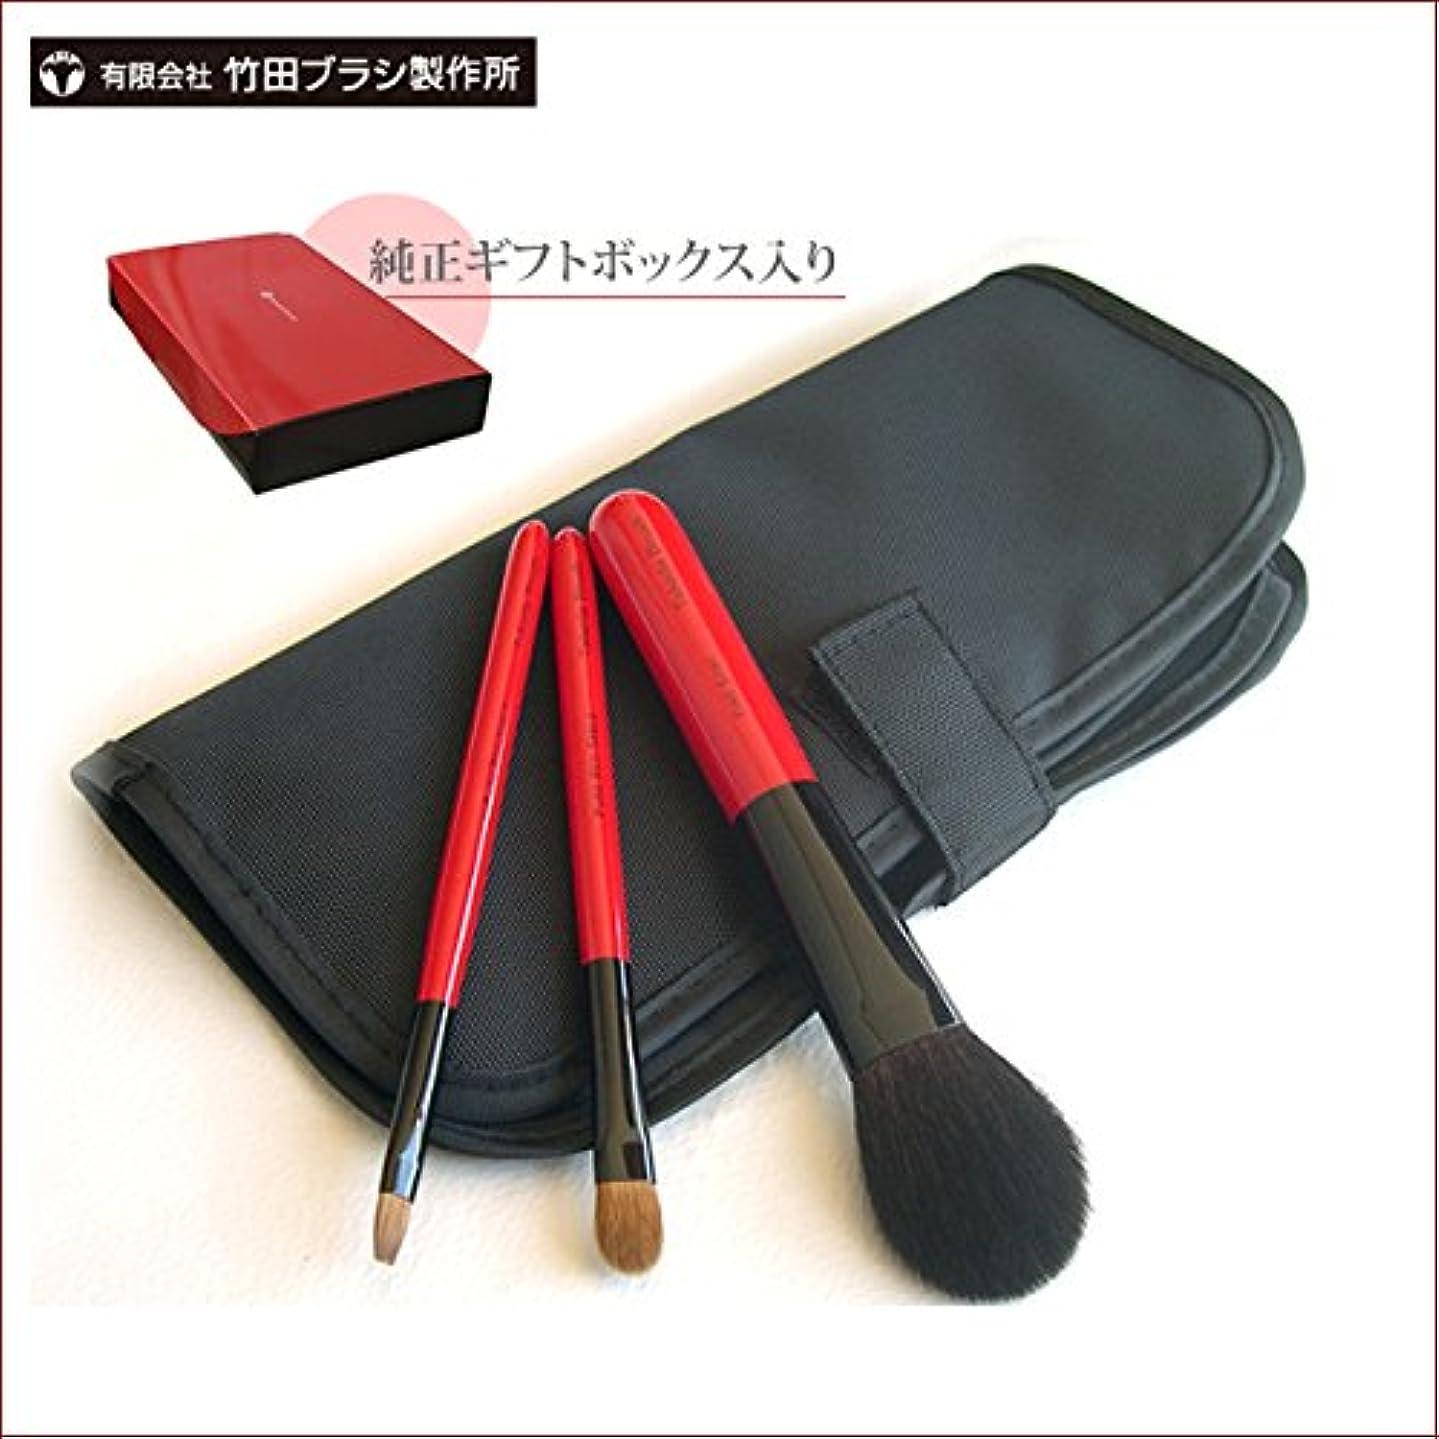 ソファー概念意味する有限会社竹田ブラシ製作所の熊野化粧筆 特別3本セット (純正ギフトボックス入り)